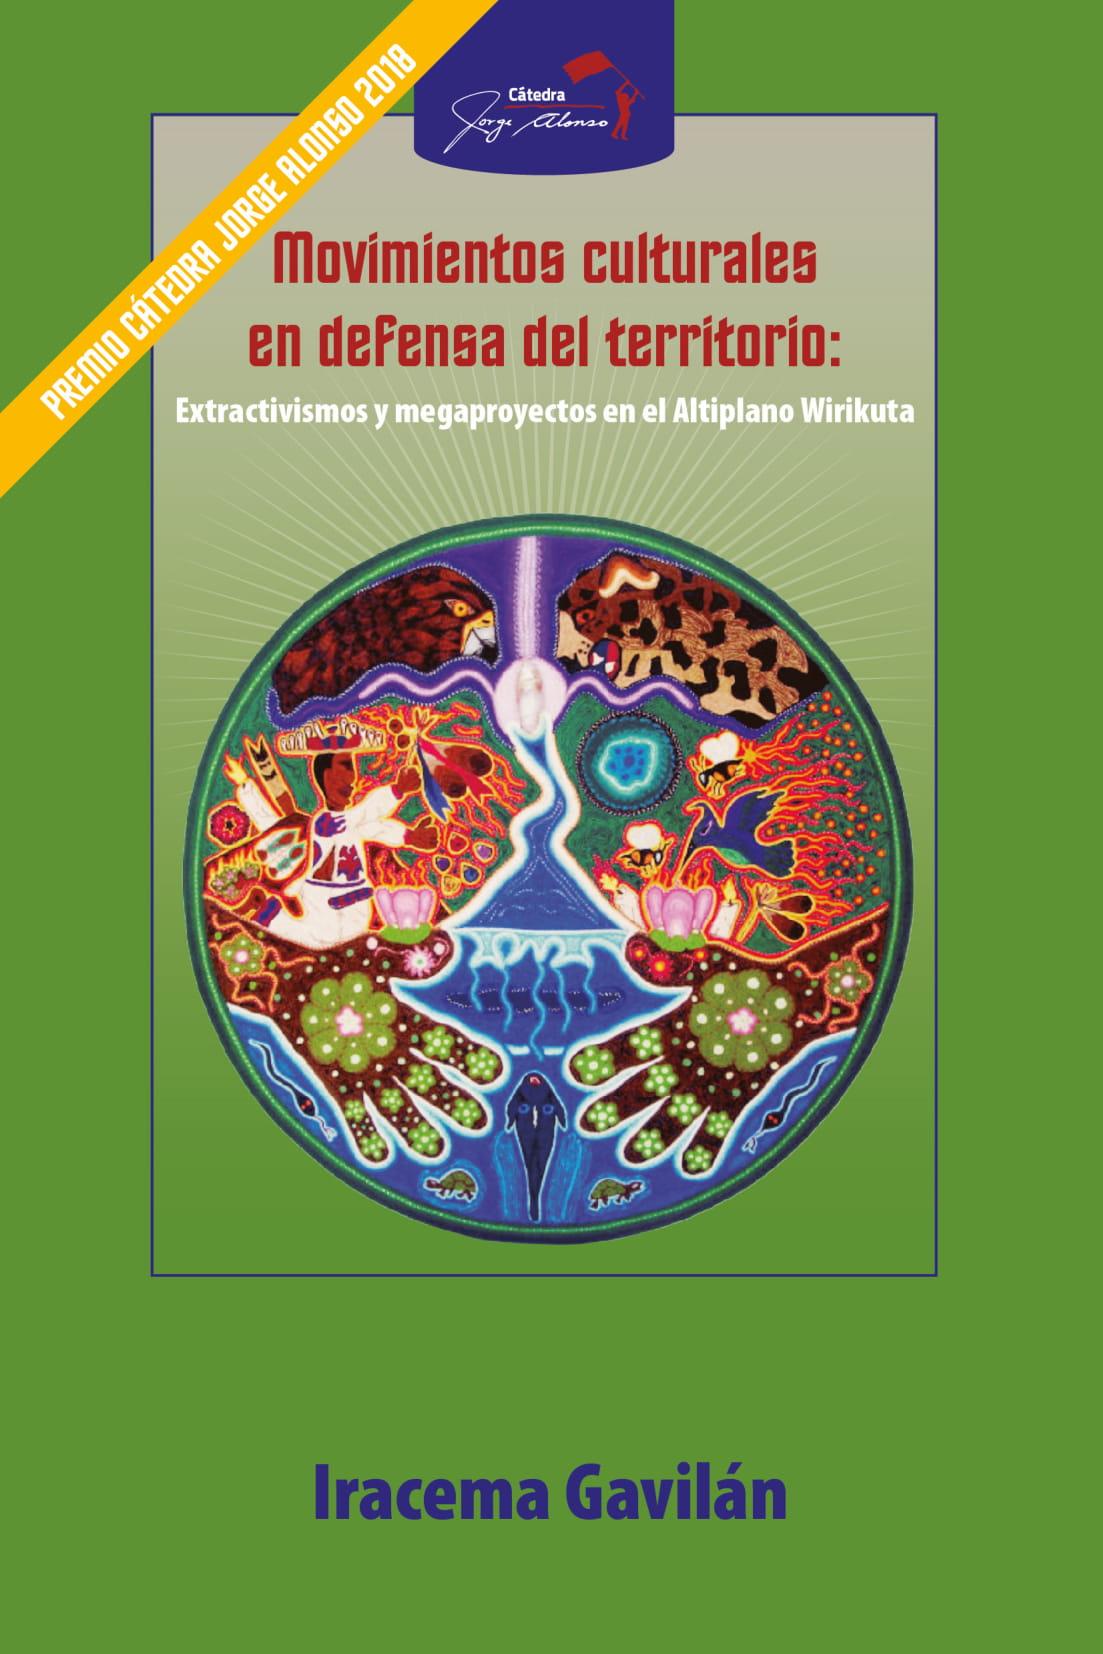 Movimientos culturales en defensa del territorio- Extractivismos y megaproyectos en el Altiplano Wirikuta